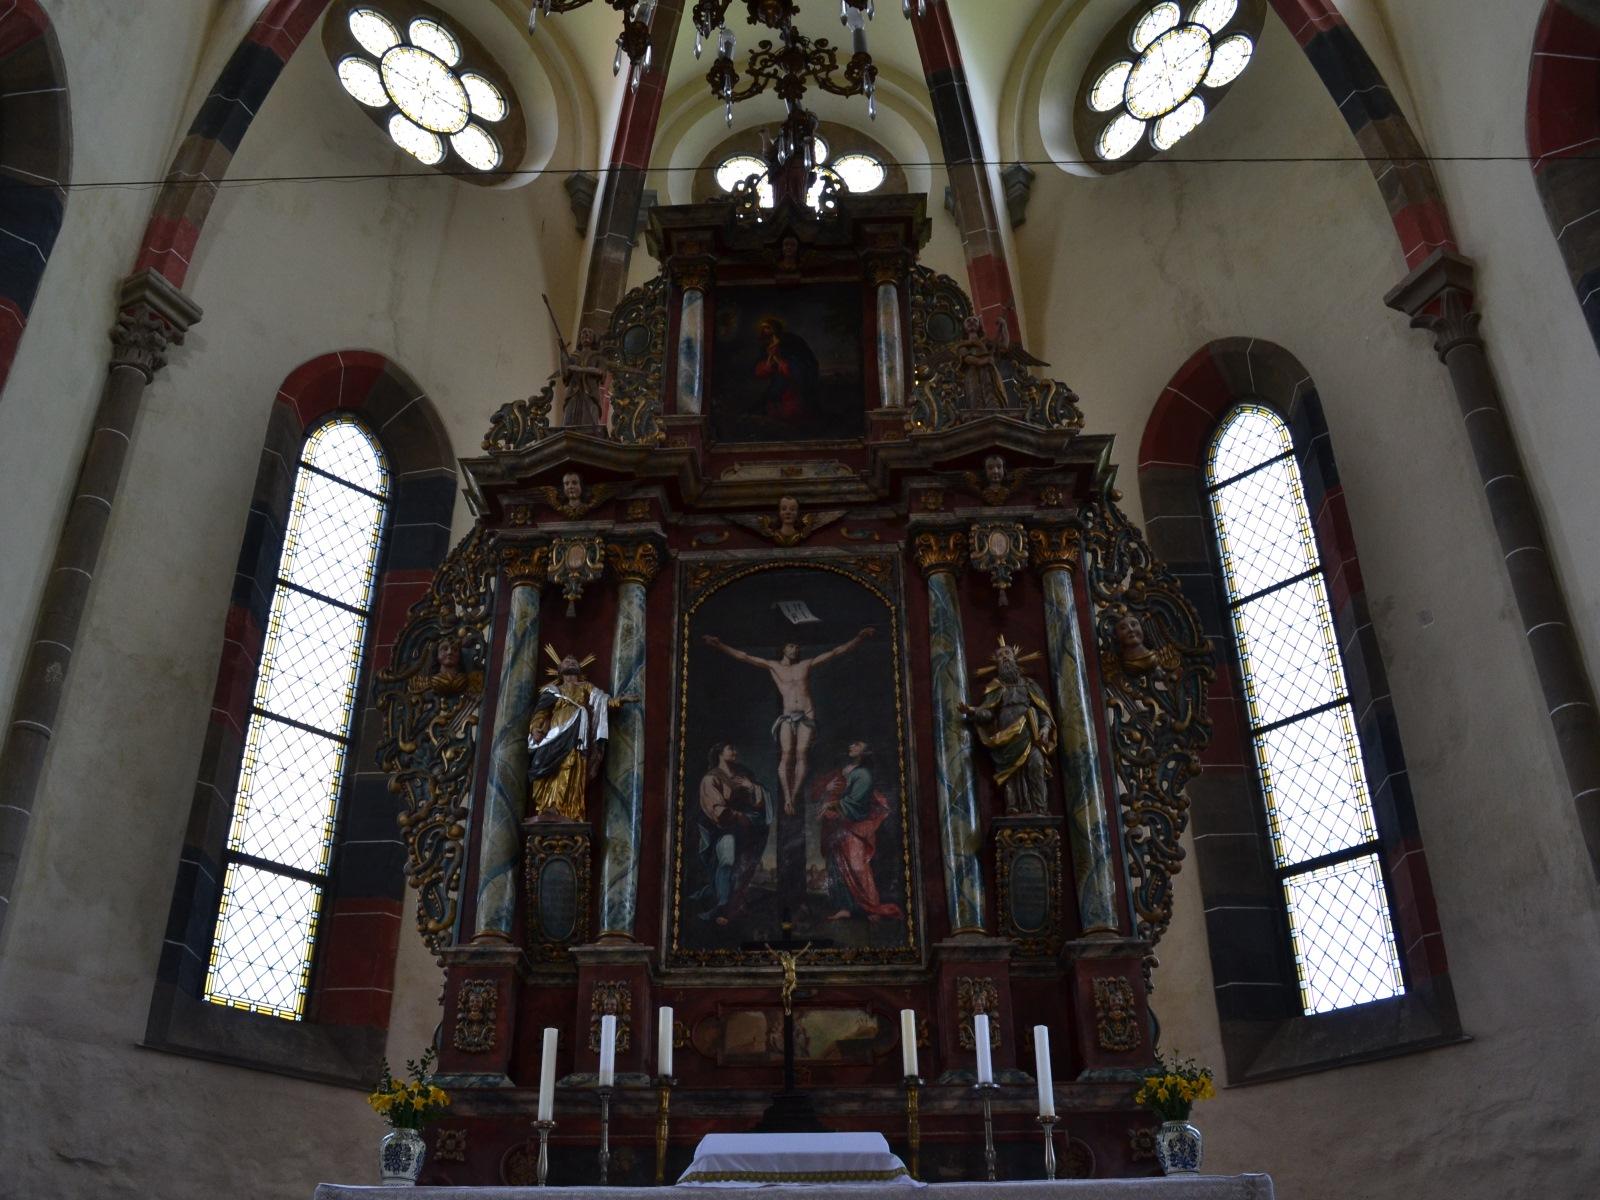 Mănăstirea Cârța 8 - Mănăstirea Cârța - singura ruină cisterciană din România